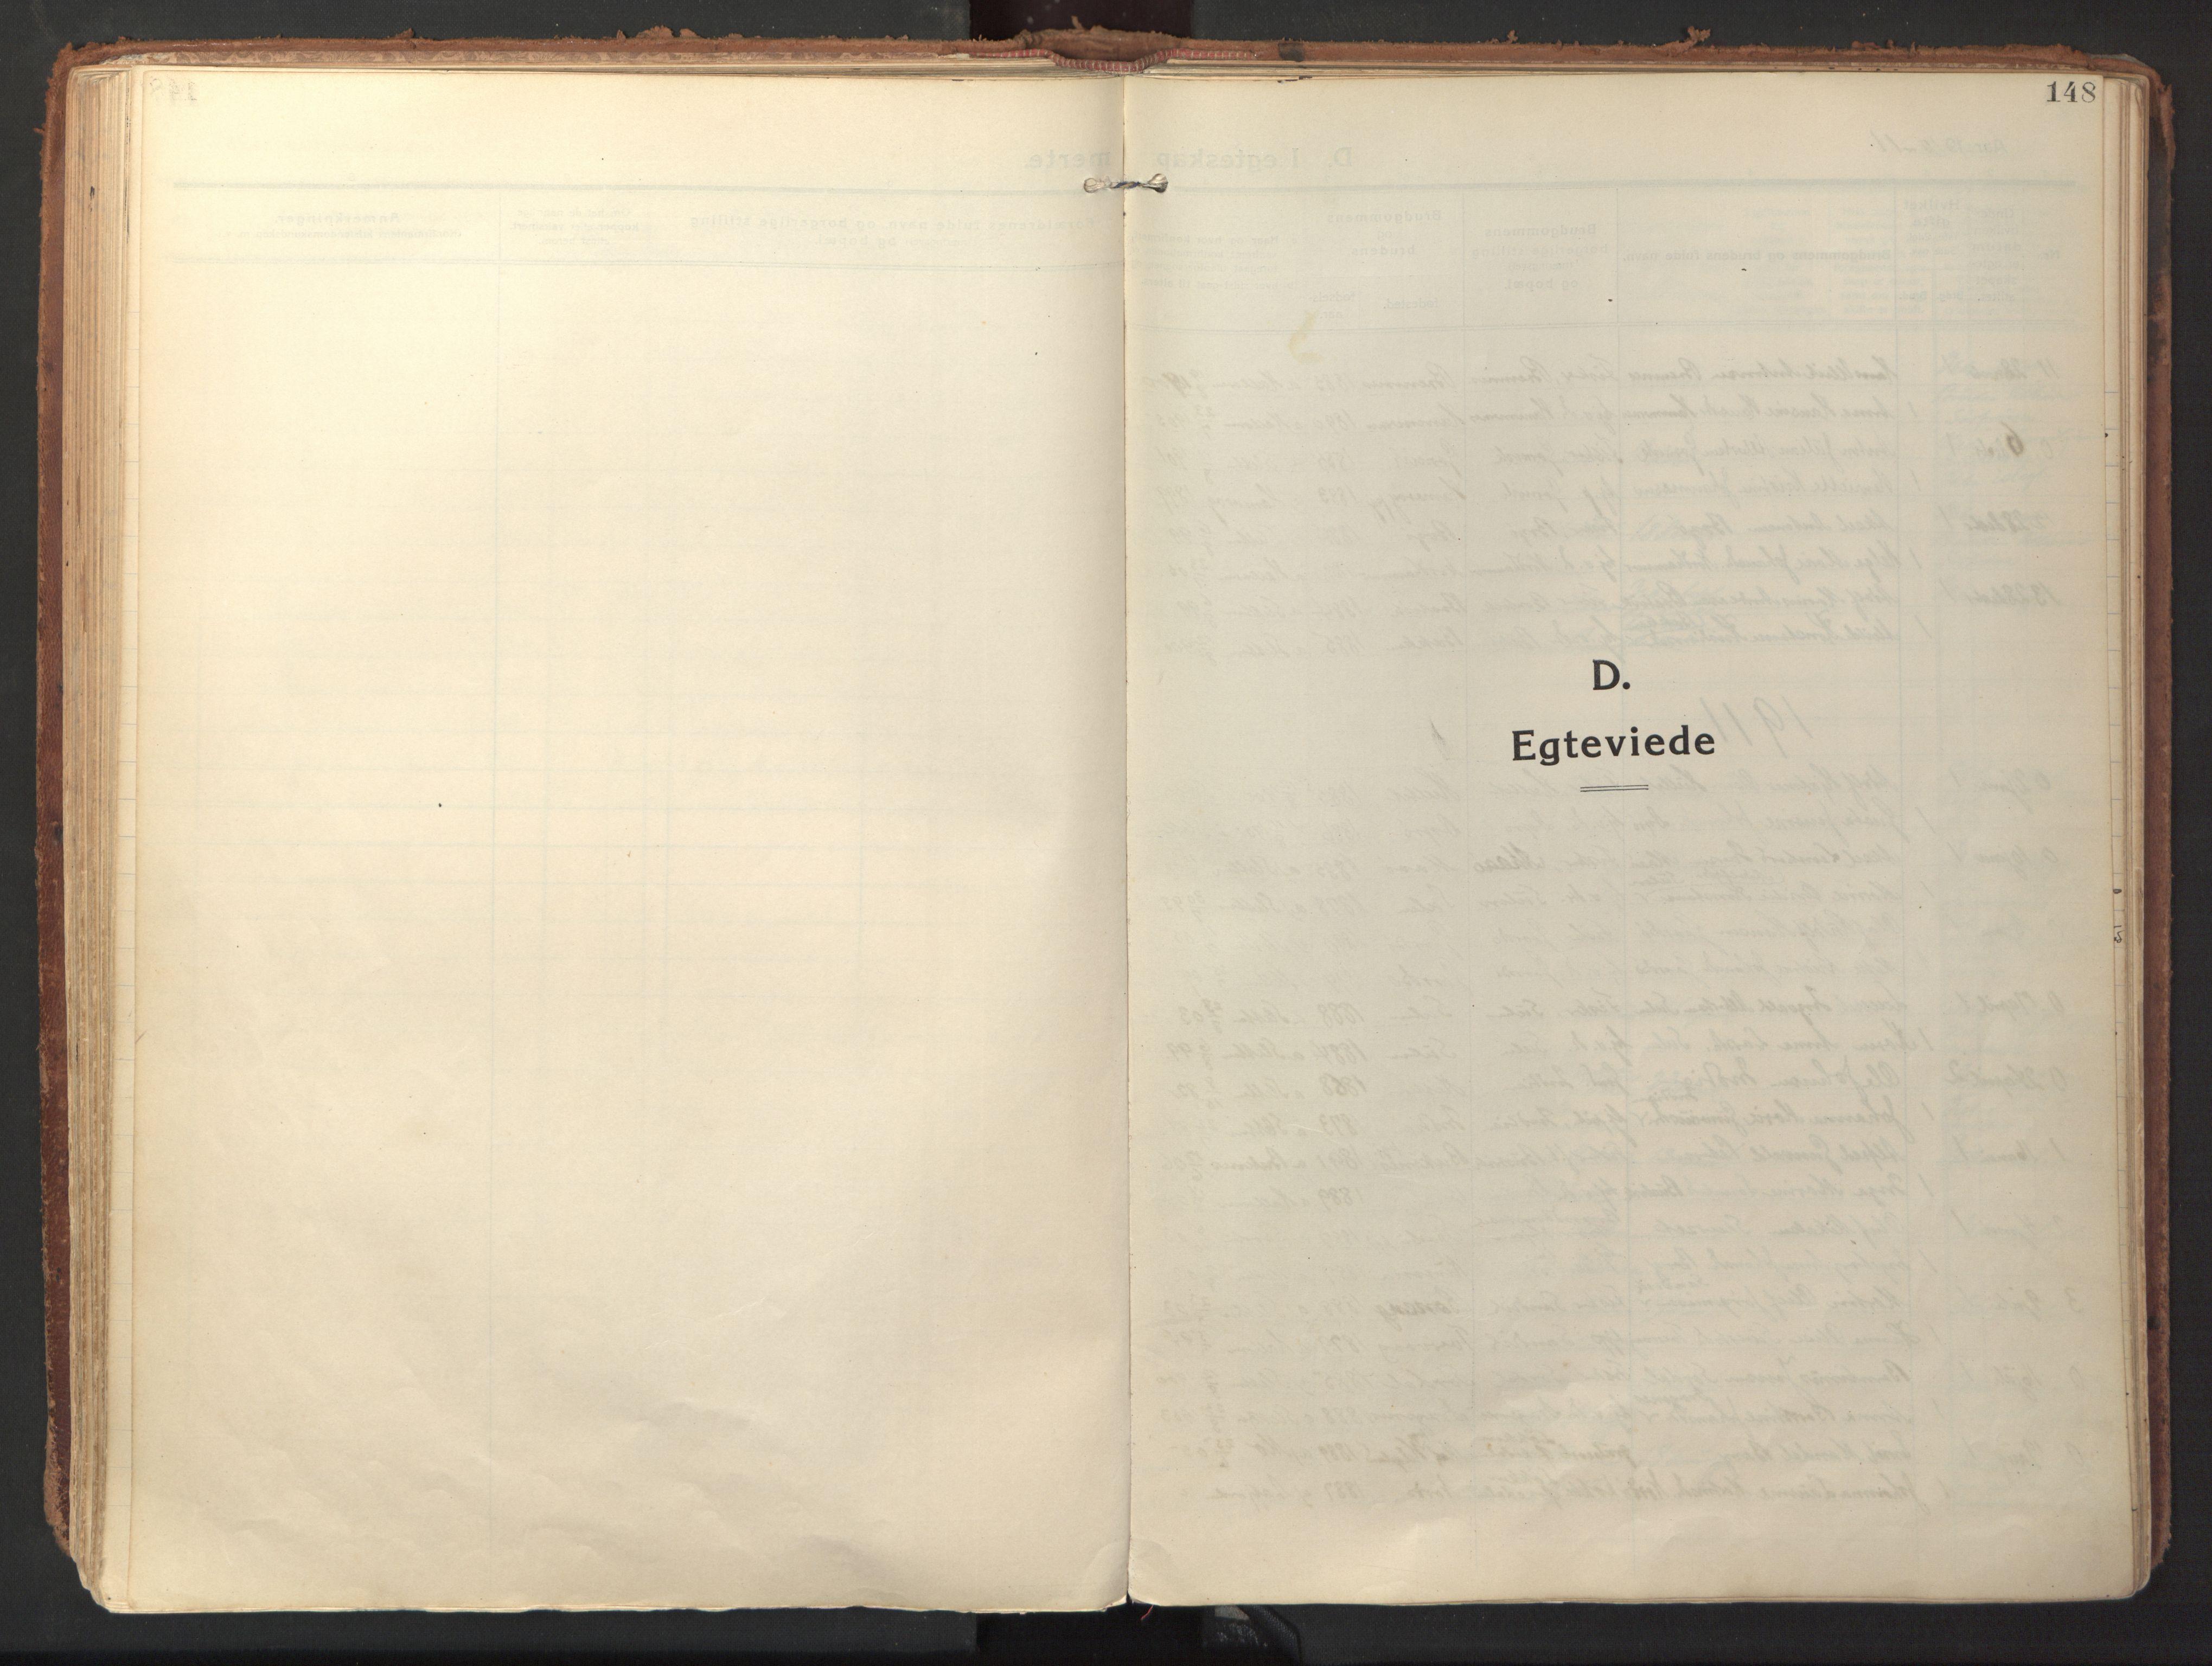 SAT, Ministerialprotokoller, klokkerbøker og fødselsregistre - Sør-Trøndelag, 640/L0581: Ministerialbok nr. 640A06, 1910-1924, s. 148